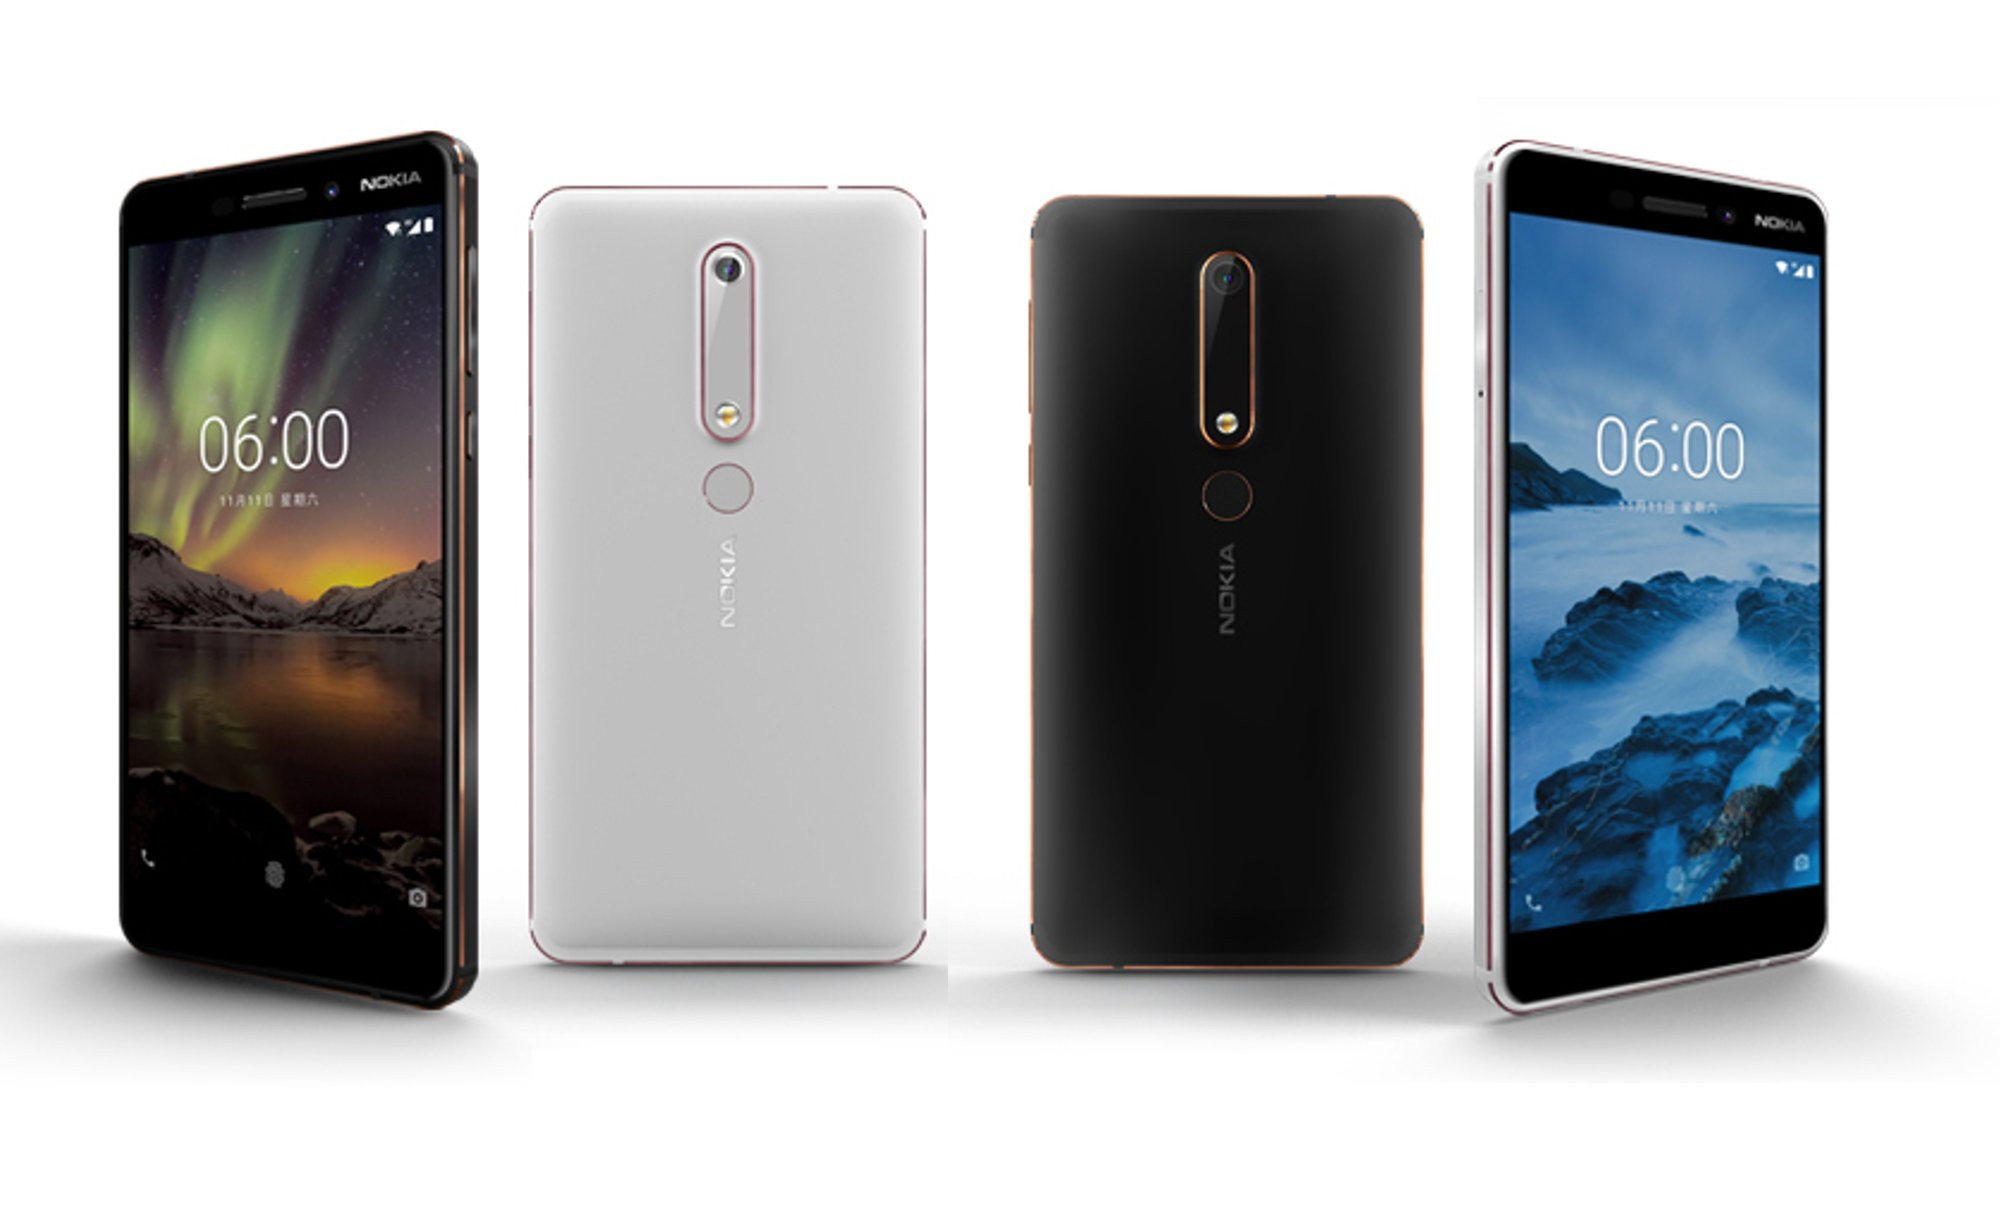 Представлен смартфон Nokia 6, получивший SoC Snapdragon 630 и функцию одновременной съемки с двух камер Dual-Sight